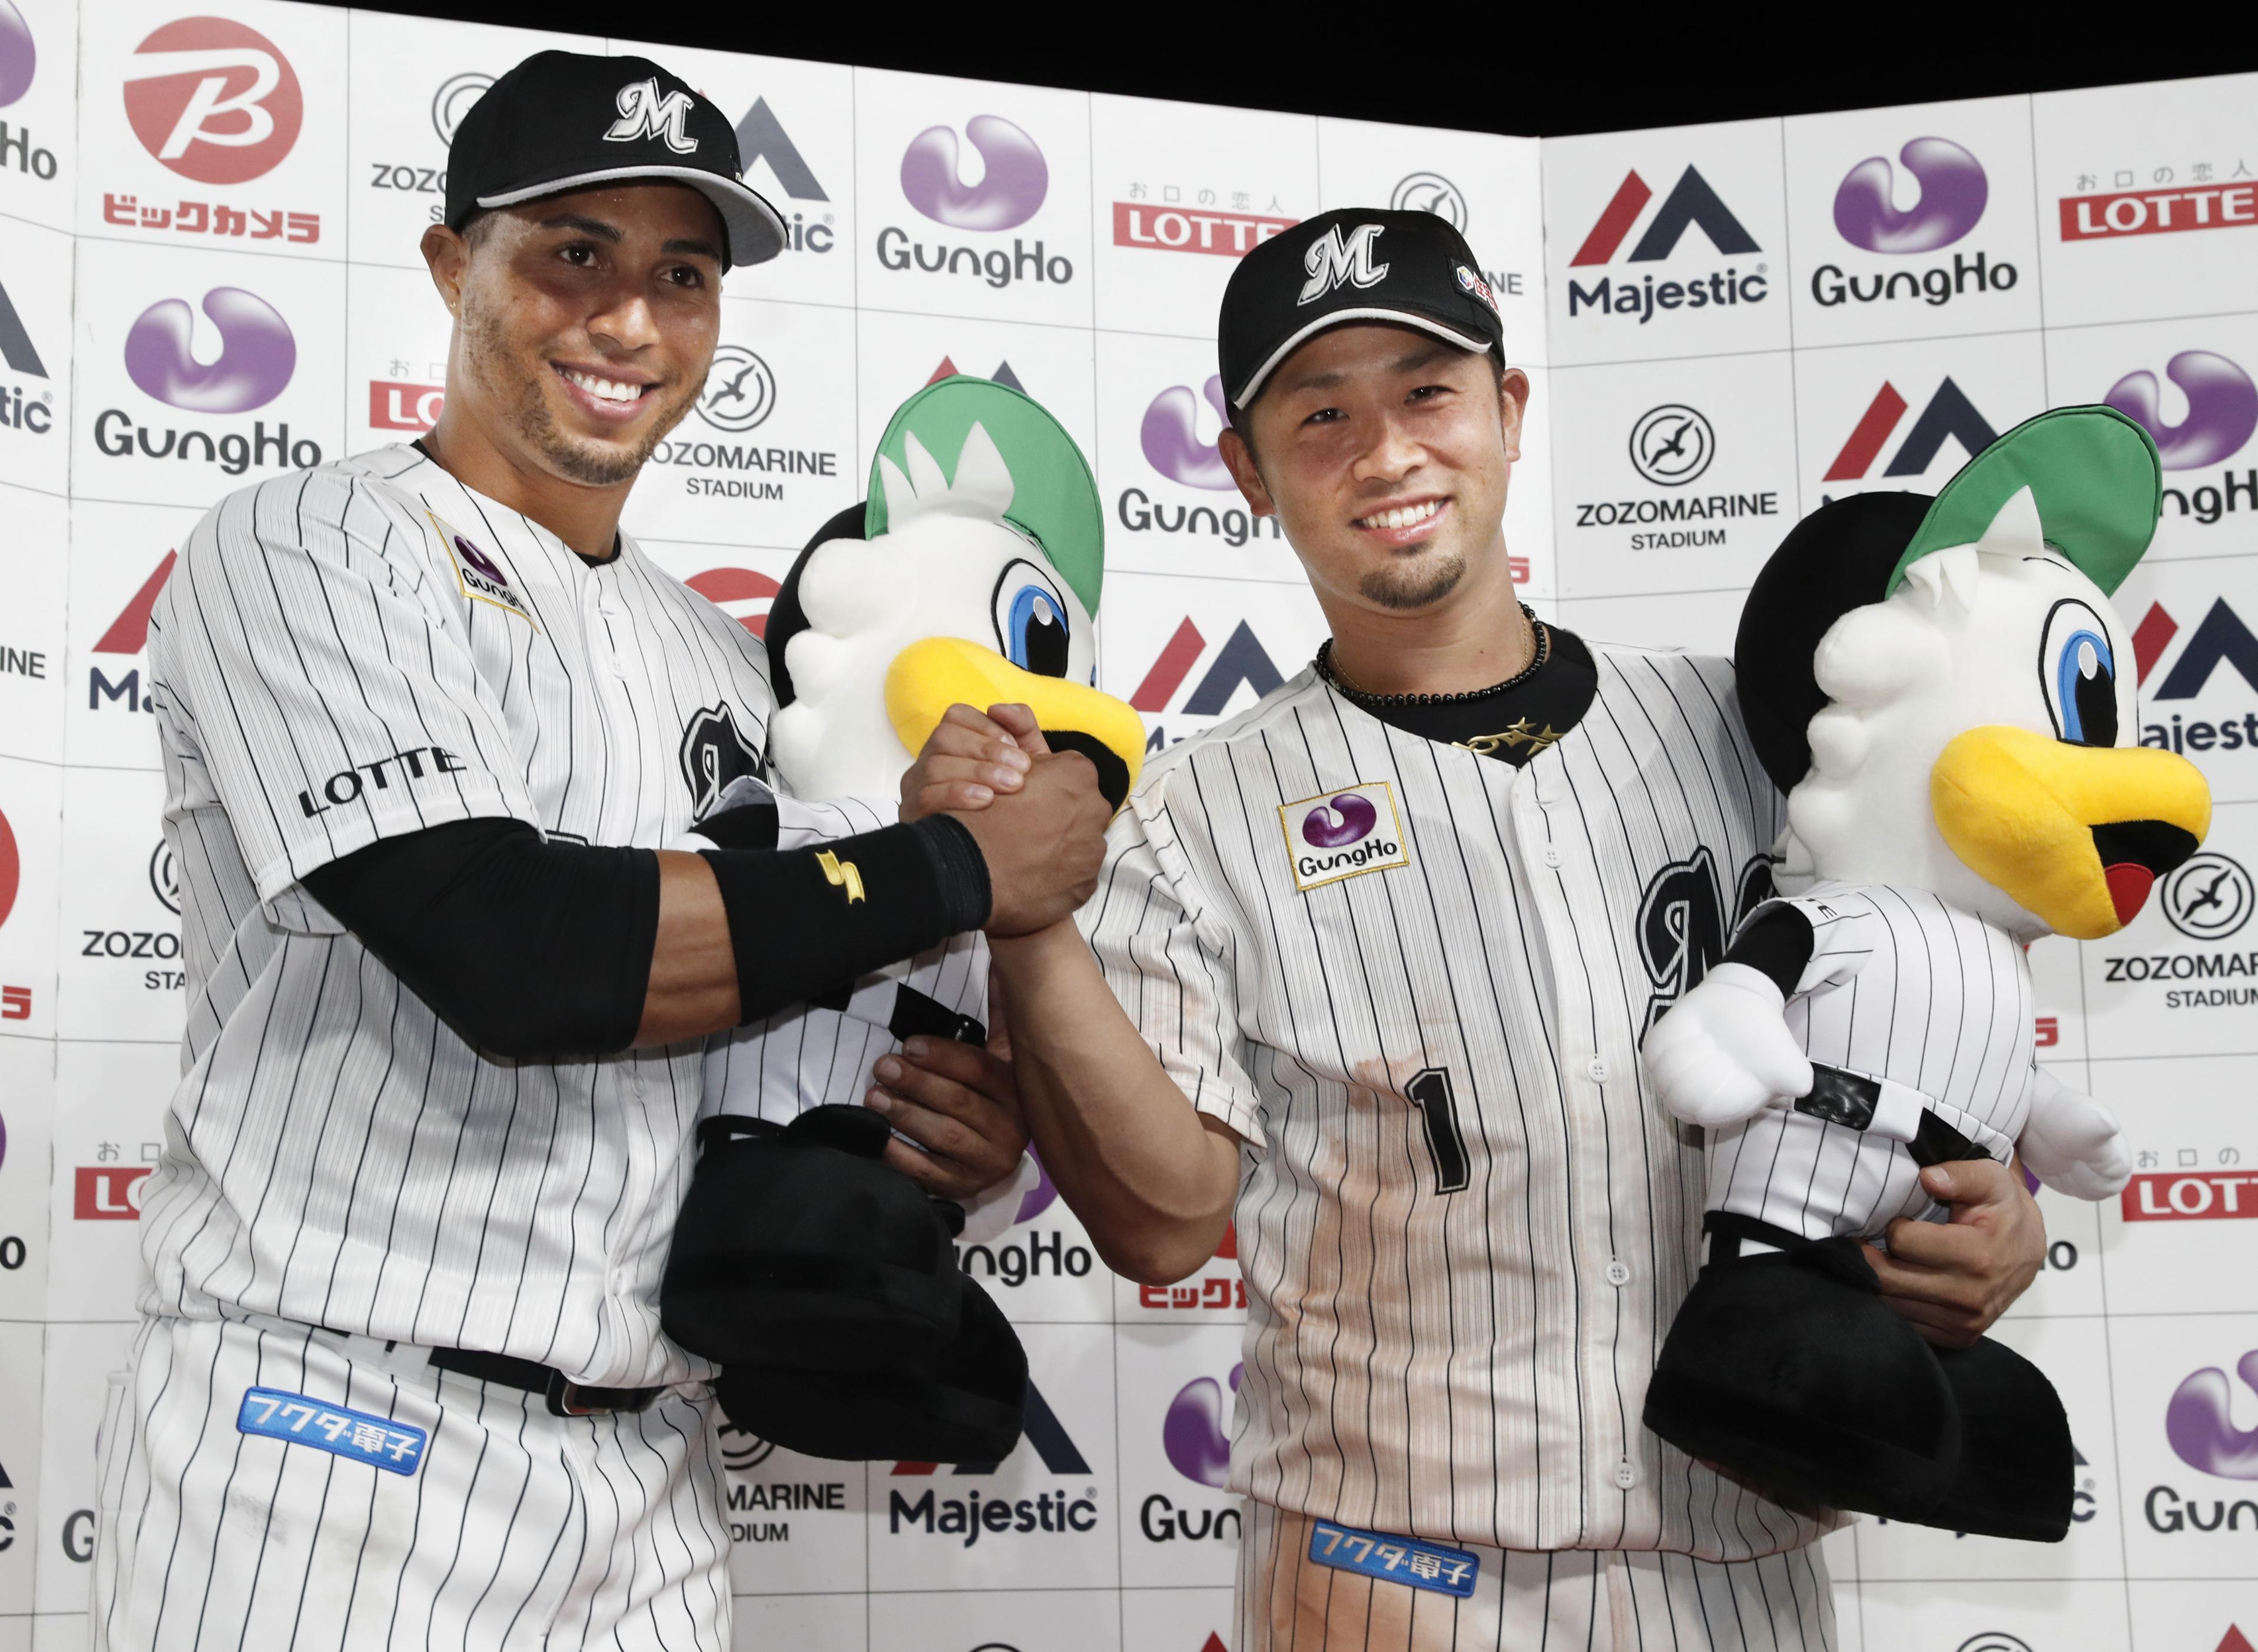 ロッテ―楽天13  楽天に競り勝ち、お立ち台で笑顔を見せるロッテのマーティン(左)と清田=ZOZOマリン